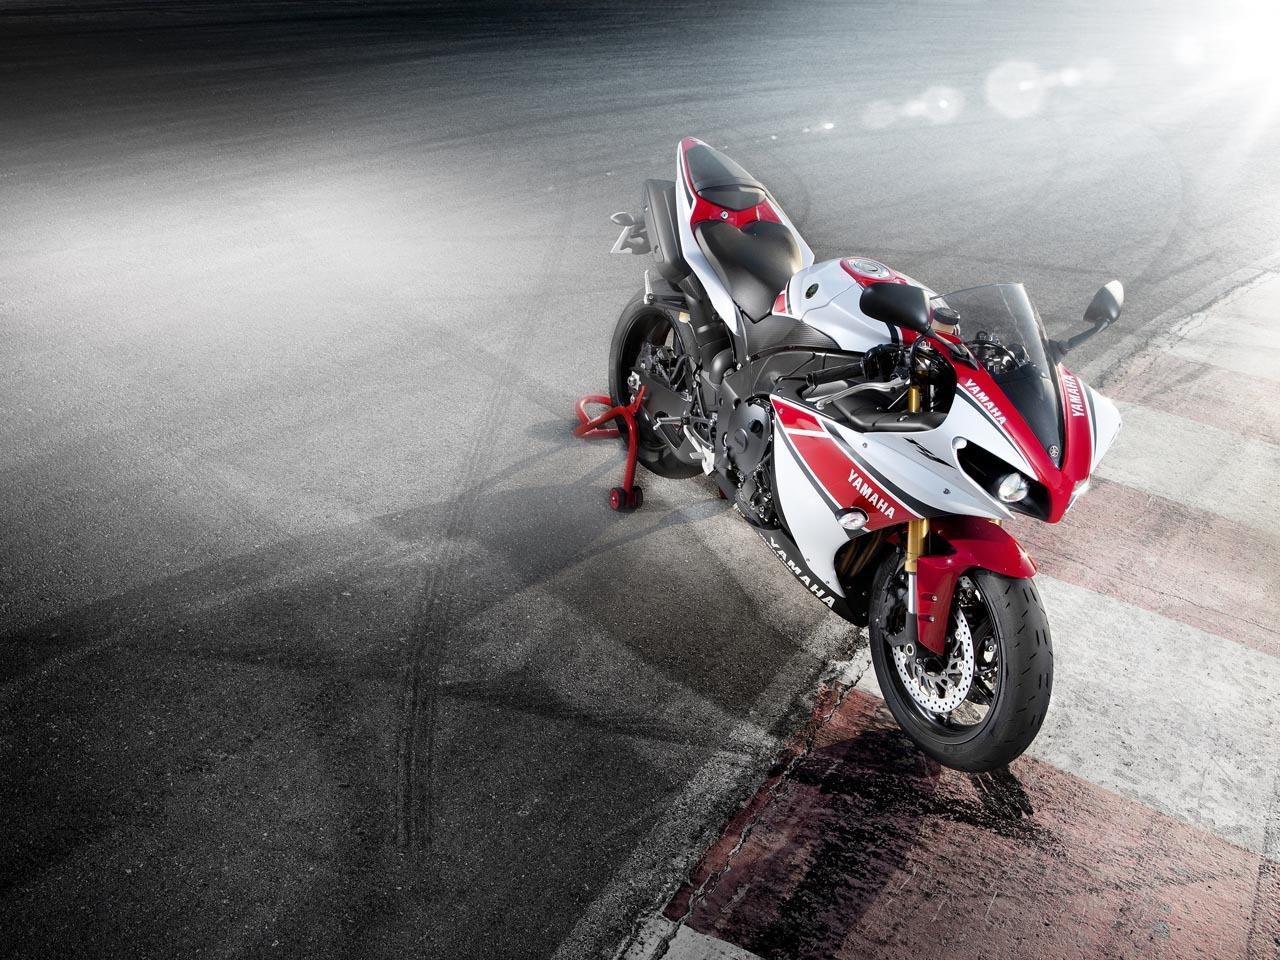 Foto de Yamaha YZF-R1 2012 50 aniversario, datos e imágenes oficiales (7/20)